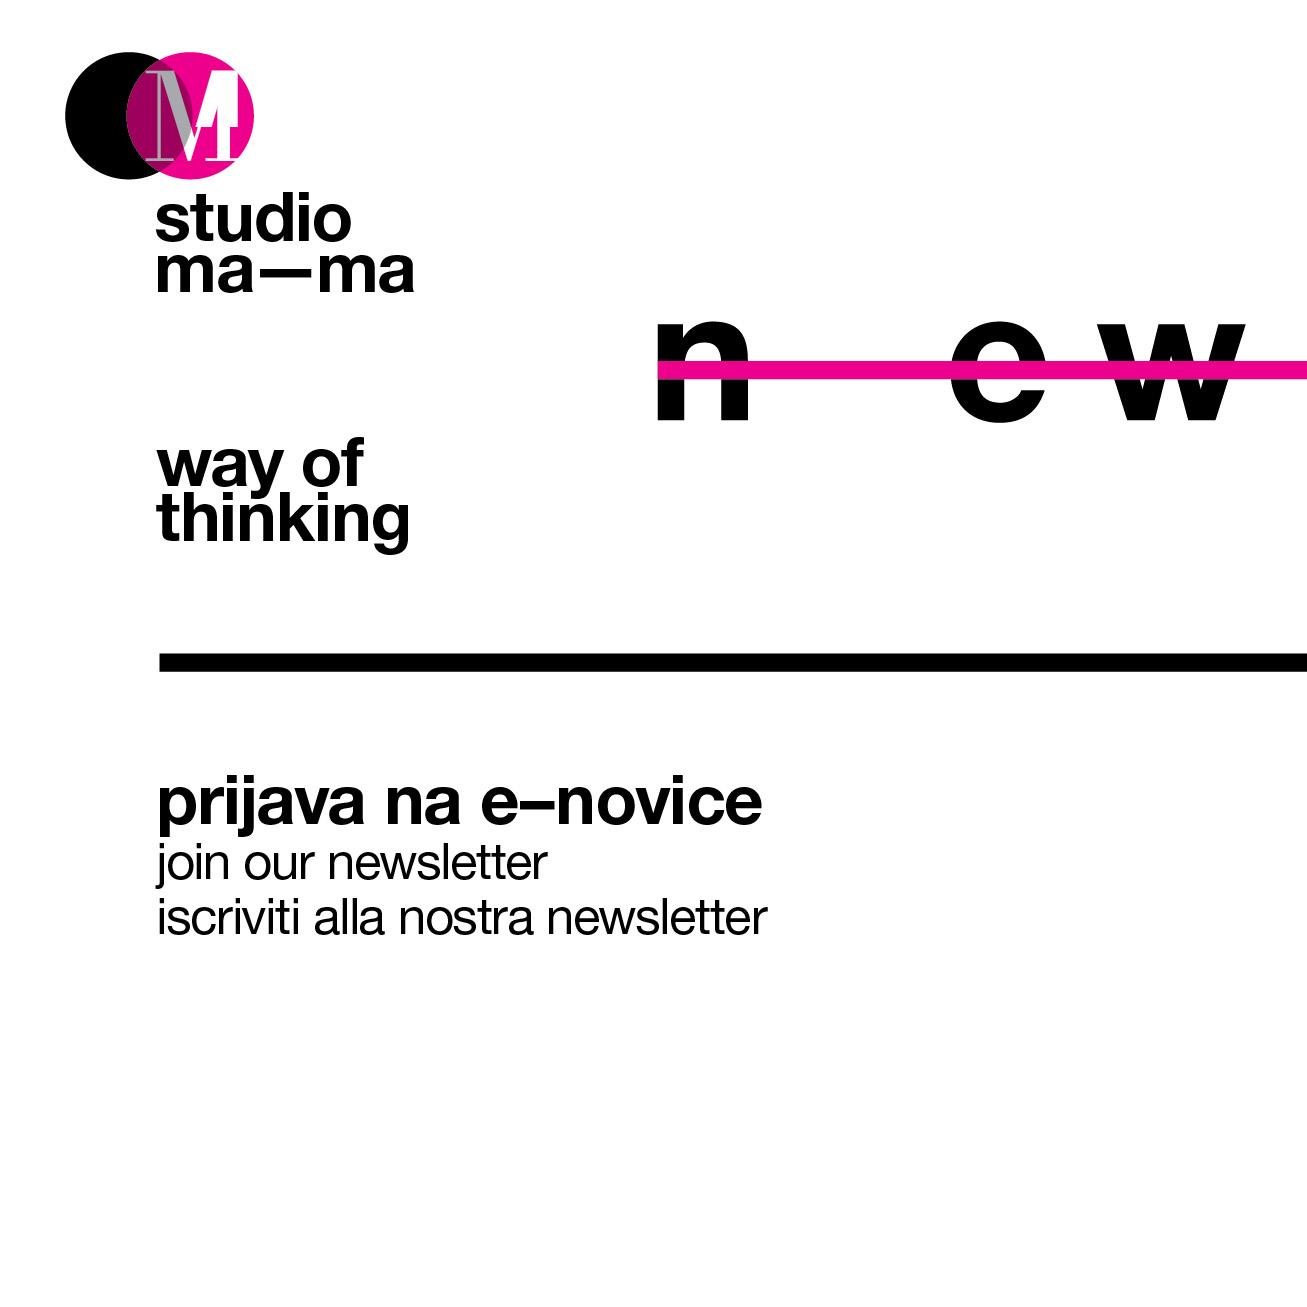 prijava_e_novice_ma-ma_marinsek_17